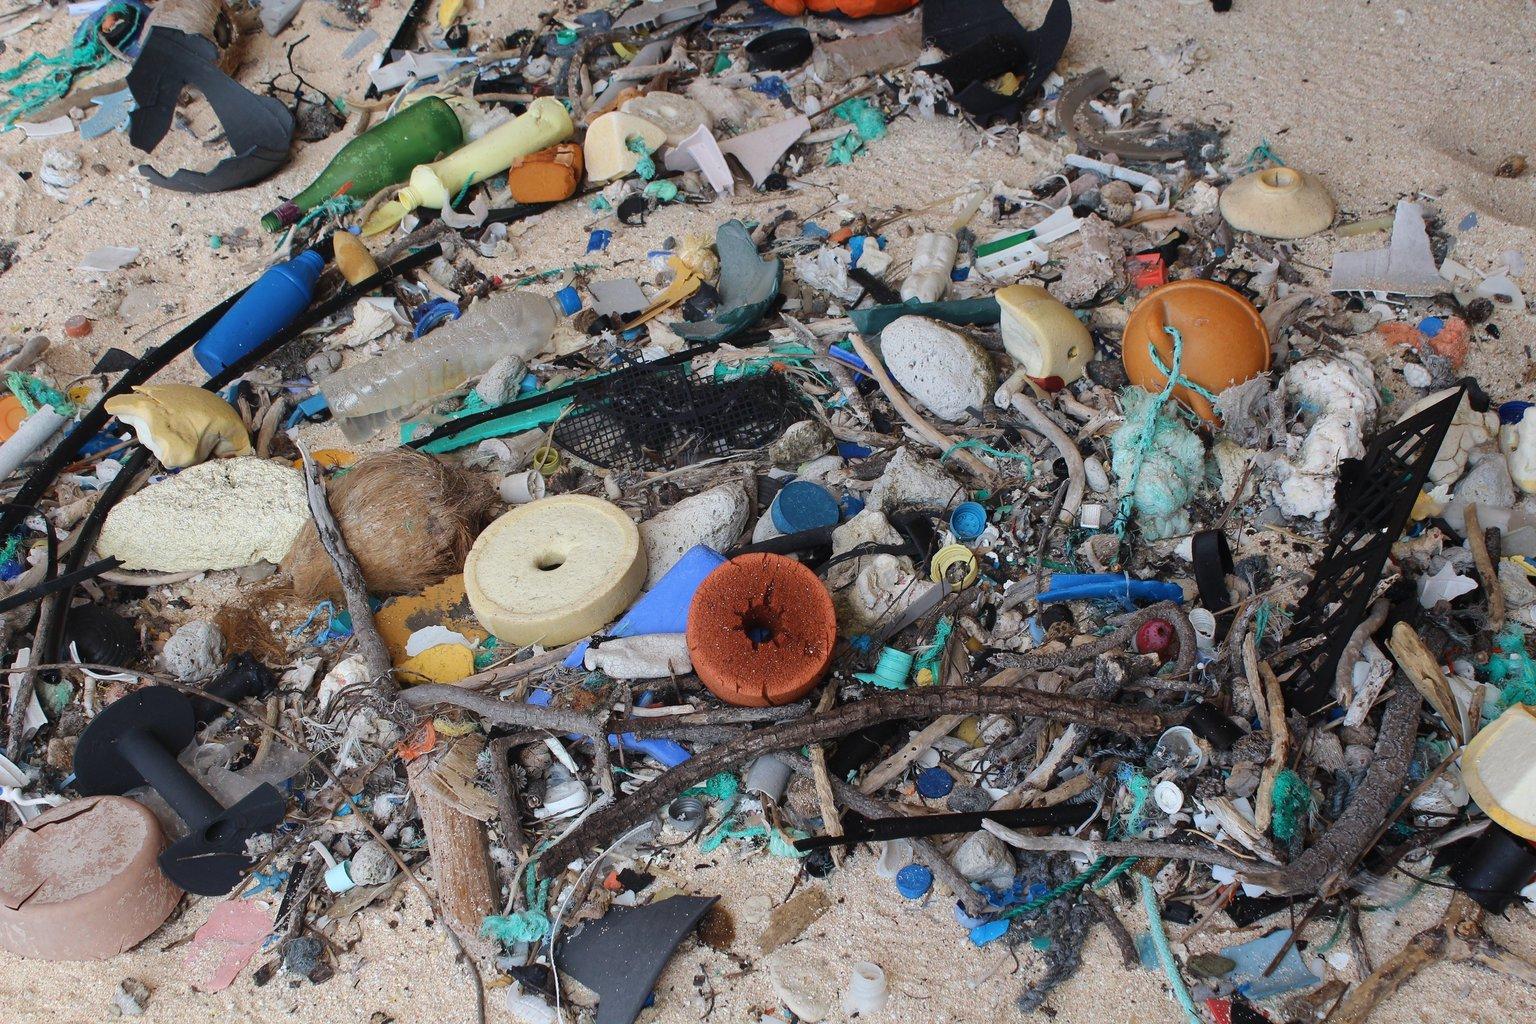 A tengeri és sarkvidékkutató intézet (IMAS) által 2017. május 16-án közreadott dátummegjelölés nélküli képen szeméthalom borítja a Henderson-sziget keleti partját. A világ egyik leginkább elhagyatott helyéről kiderült, hogy az egyik legszennyezettebb, 18 tonna, 38 millió darab szemetet találtak a szigeten, ami egyébként egy lakatlan atoll. A hulladék 99,8 százaléka műanyag, ennek 68 százaléka pedig nem is látszik elsőre, mert már a föld alatt van. Naponta 13000 új szemétdarabot mos partra az óceán. (MTI/EPA/IMAS/Jennifer Lavers)